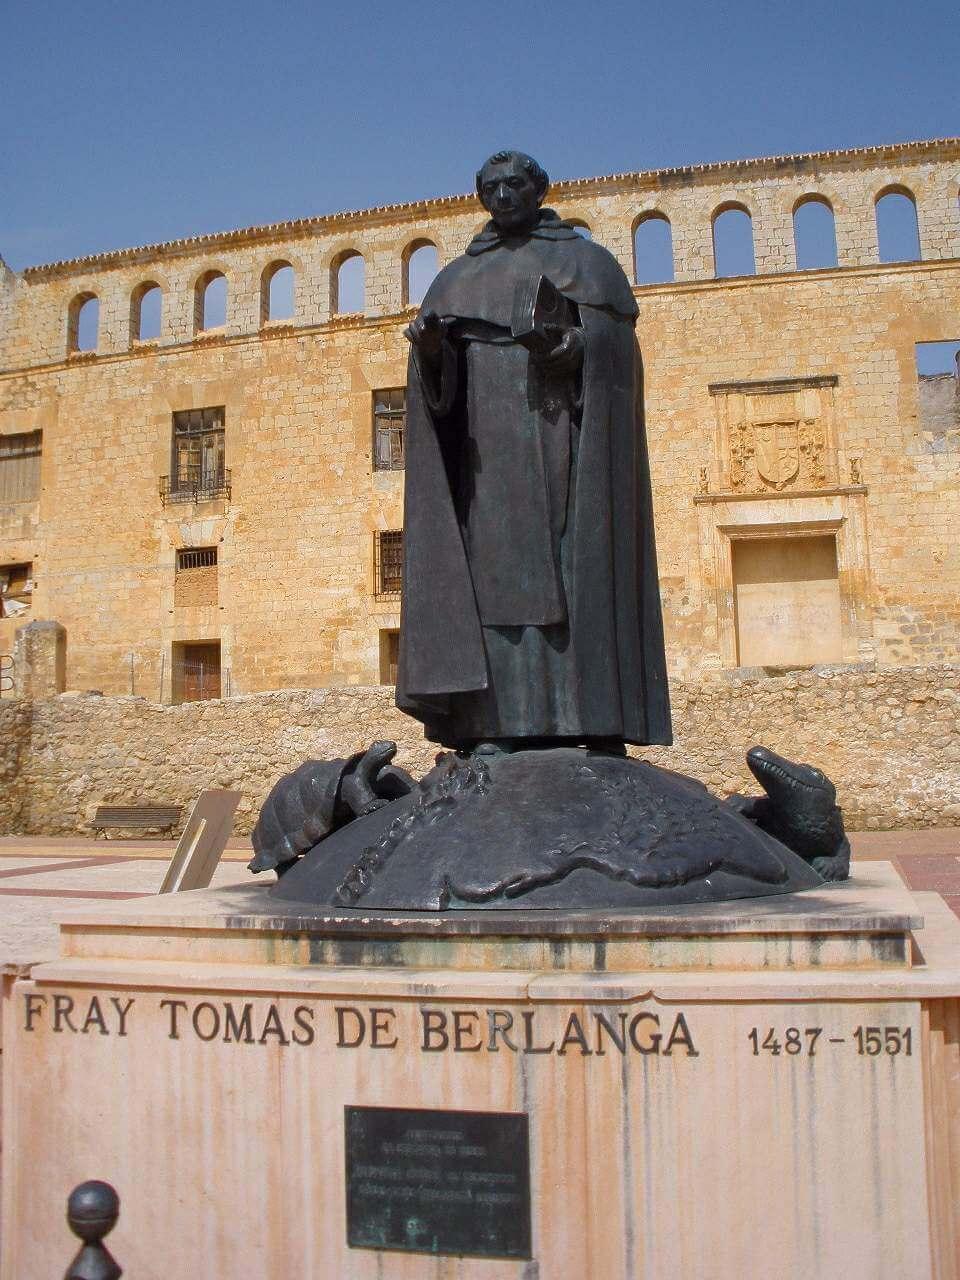 Tomas de Berlanga's statue